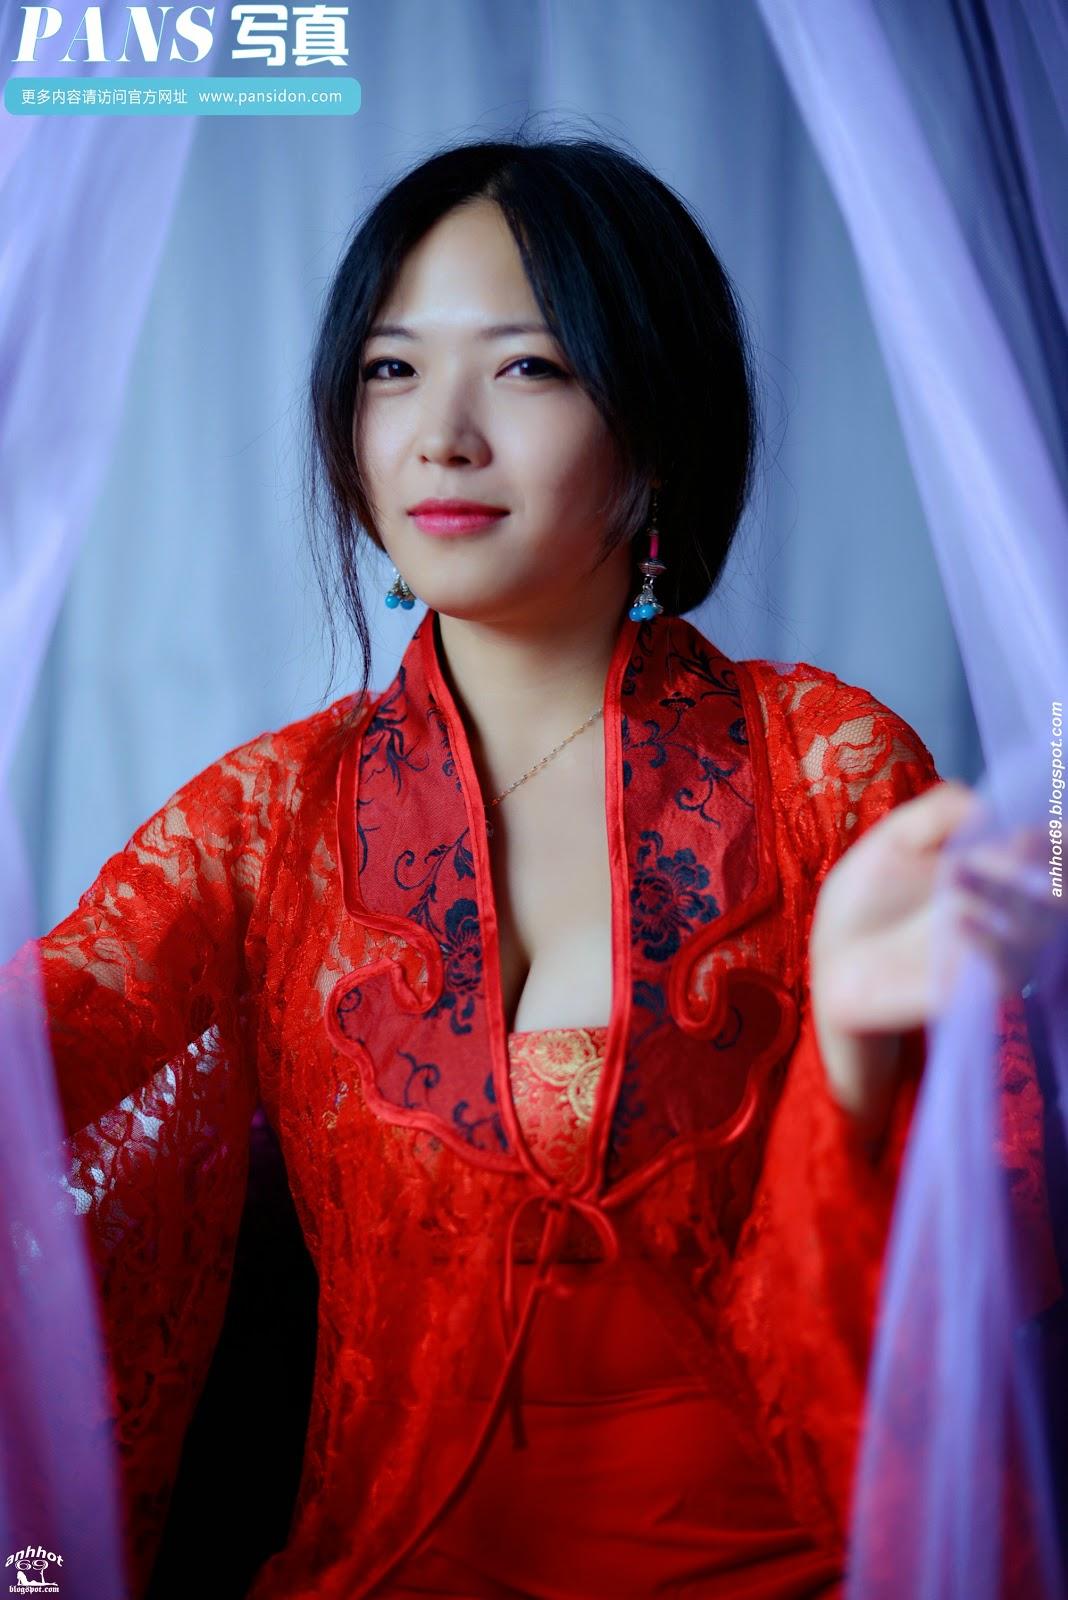 yuhan-pansidon-02851545